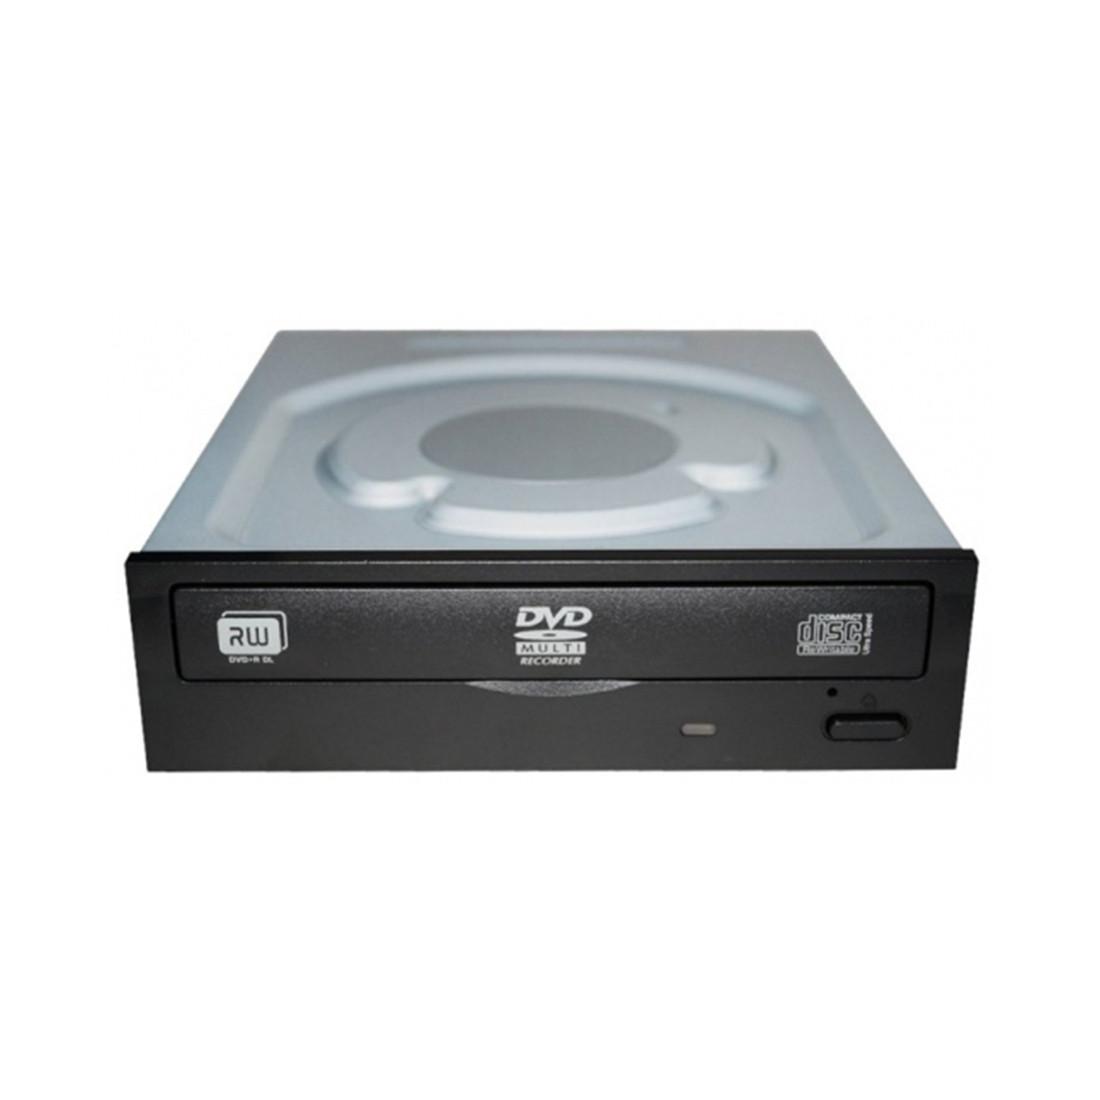 Оптический привод DVD±RW, LITEON, IHAS122-14, 22x8x22xDVD+RW BLK Black, SATA, OEM